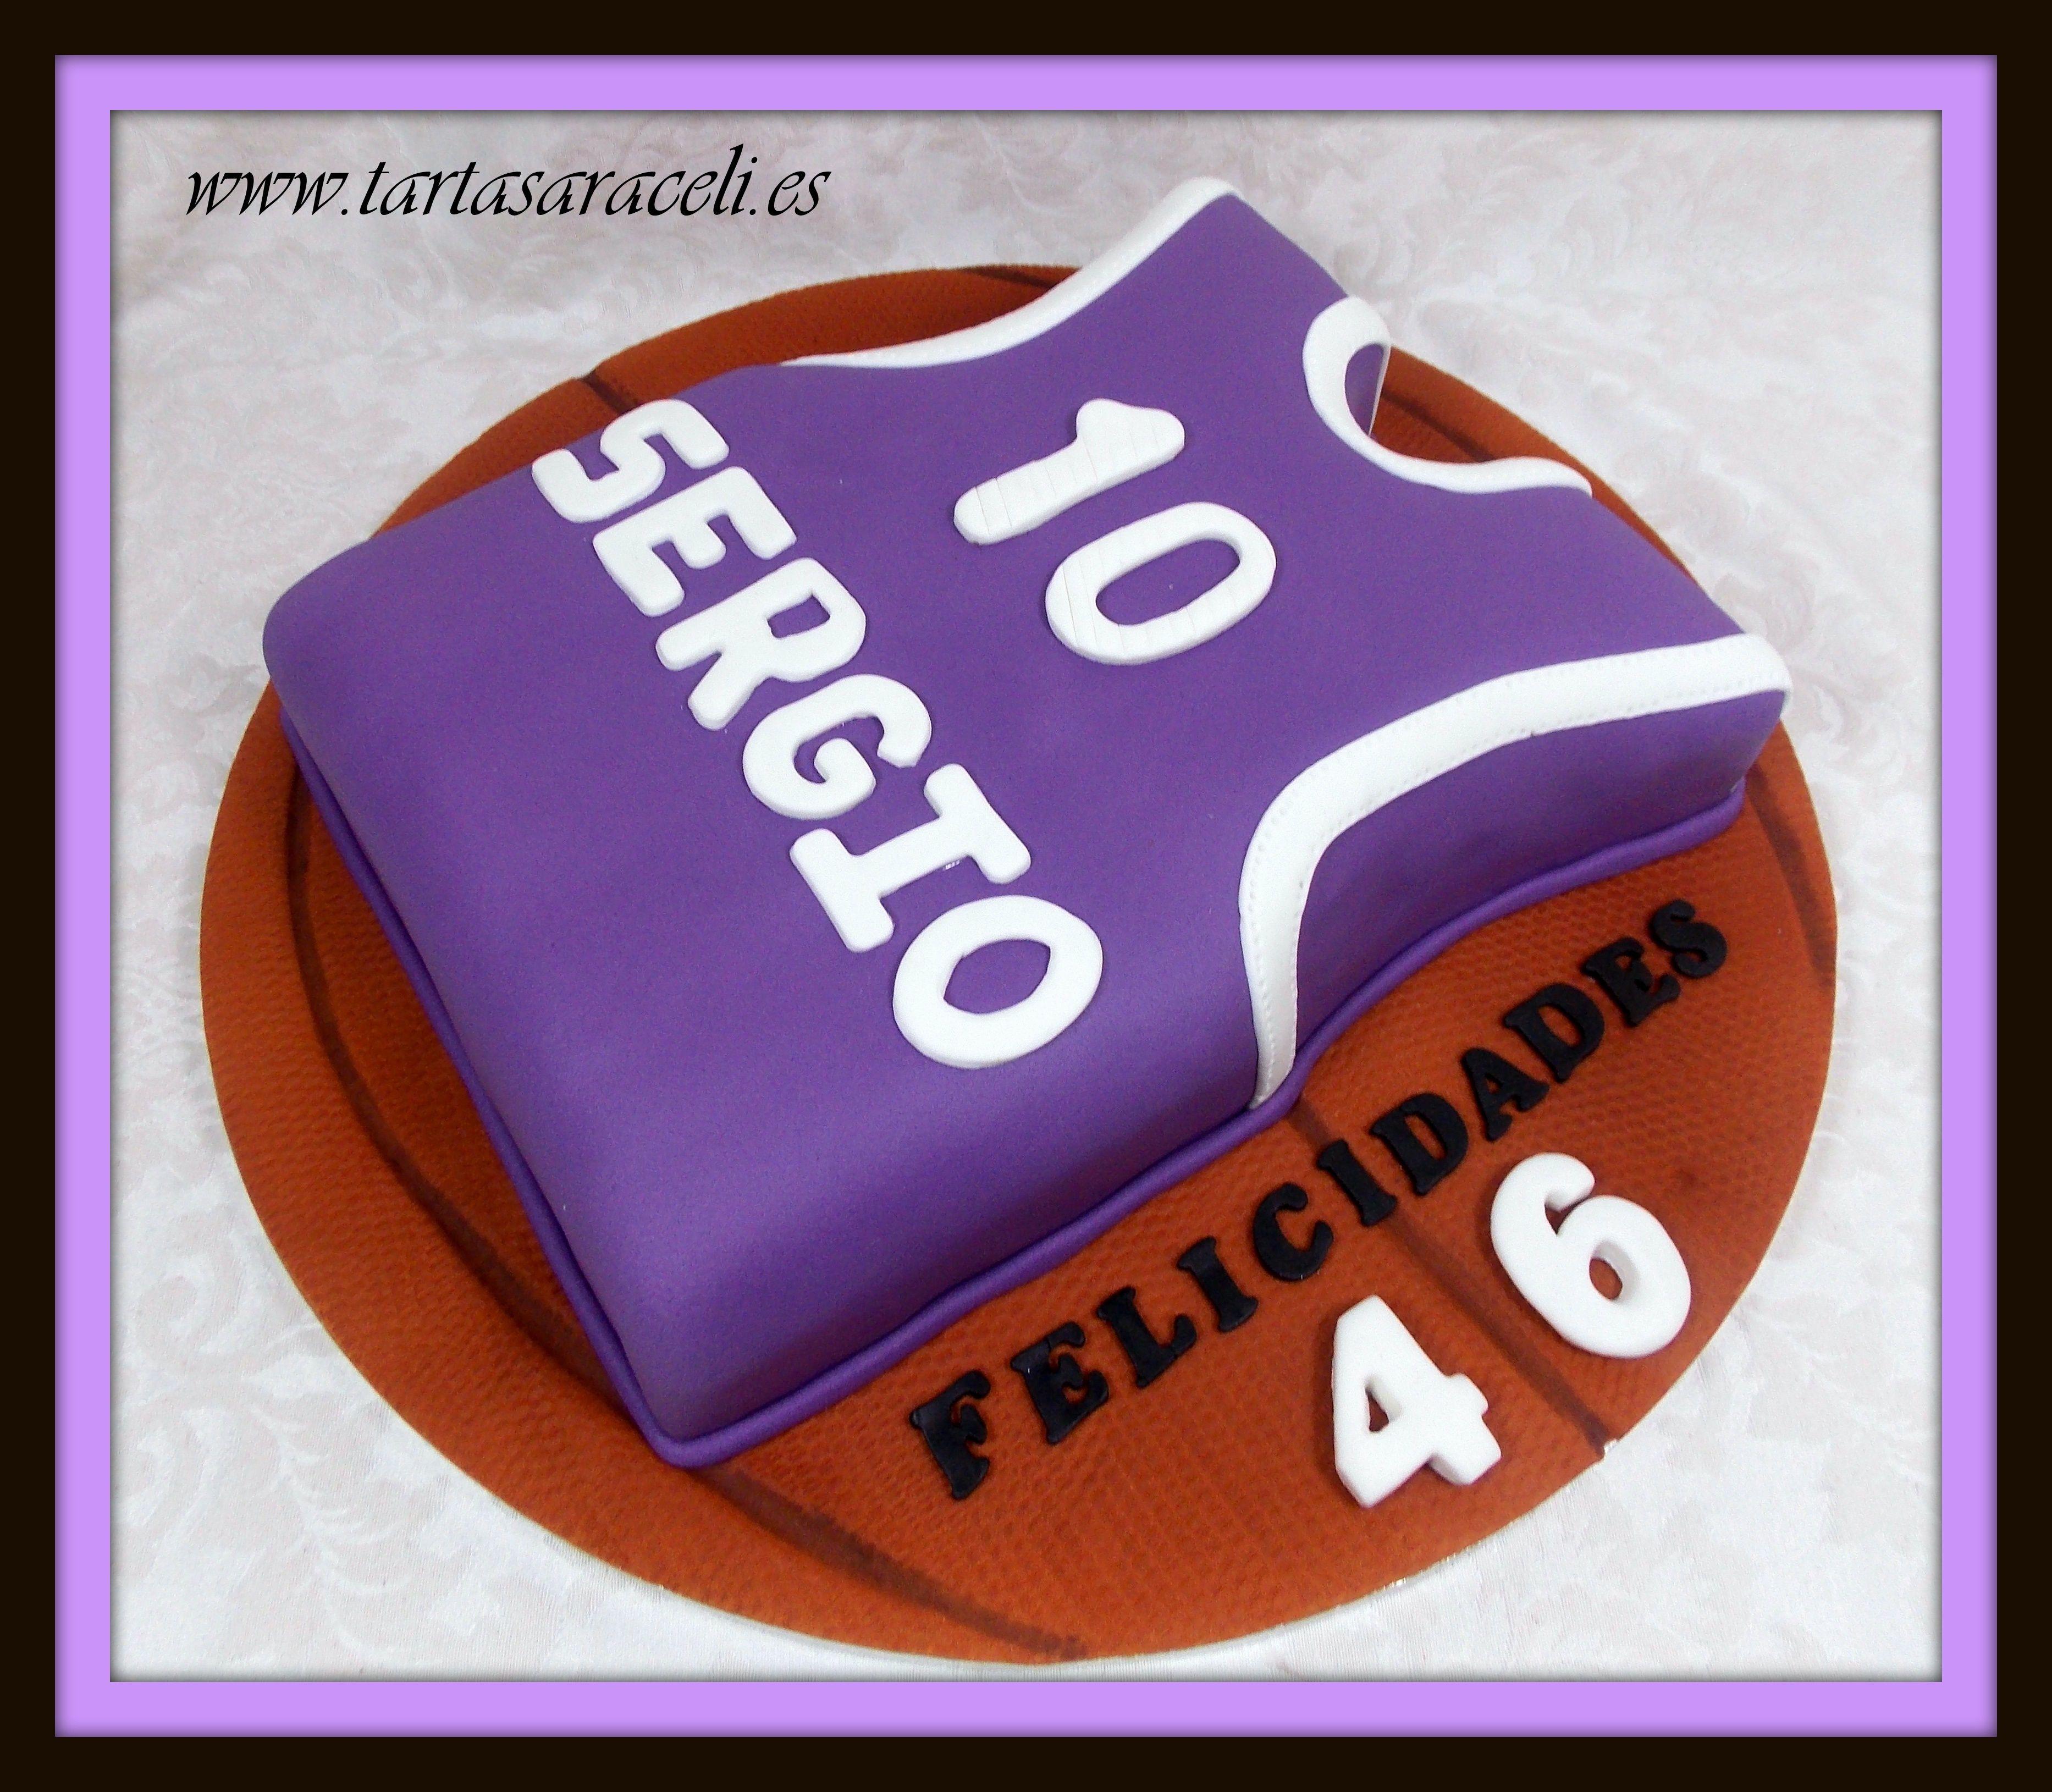 Sergio quería recordar su época de jugador de basket, y el color de su equipaje.#camisetabasket #equipajepersonalizado #tartabasket